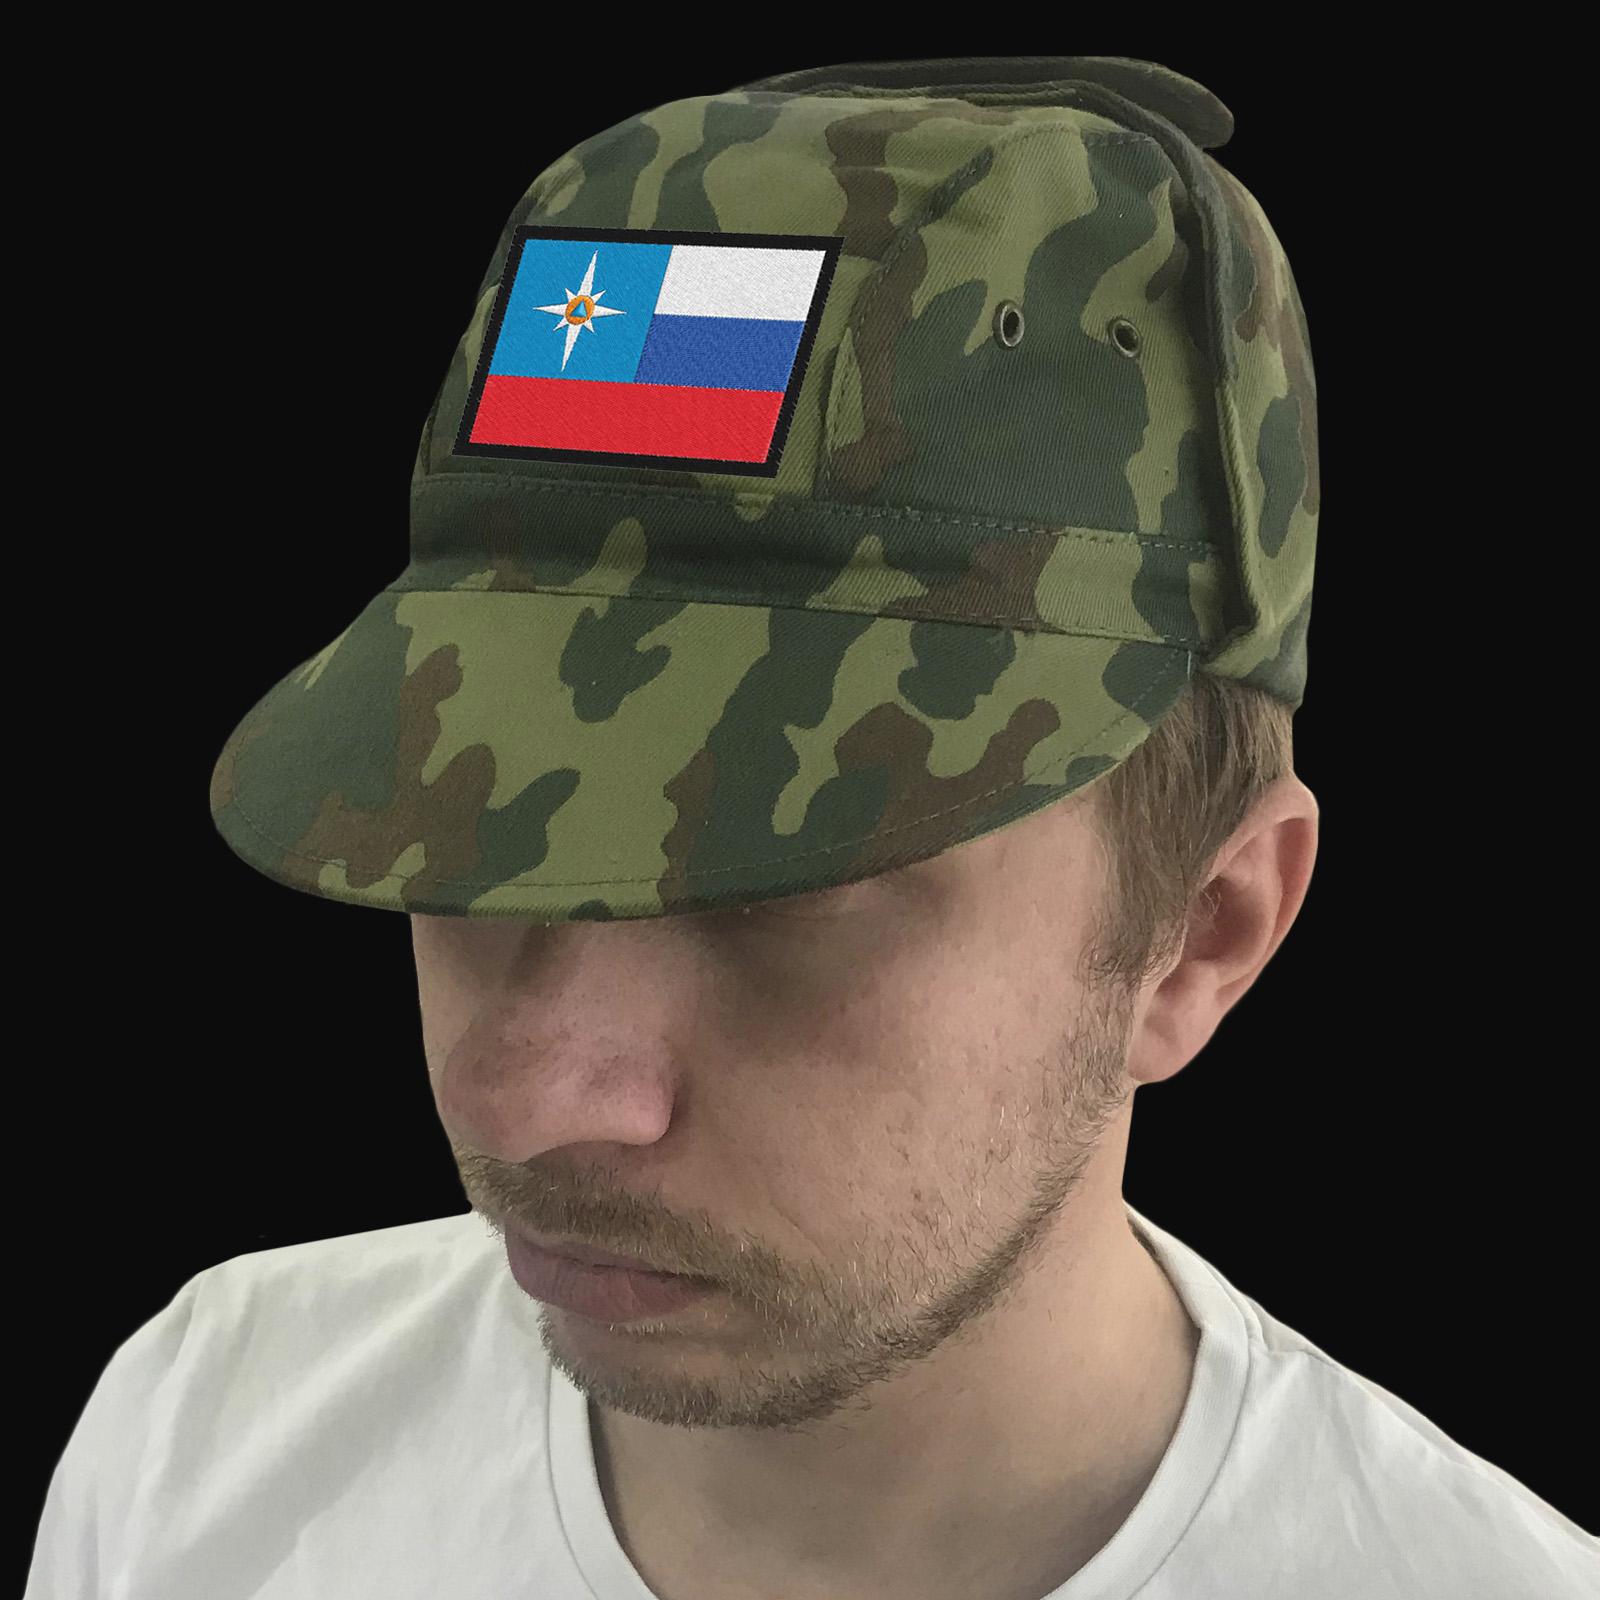 Кепка-хлопок для сотрудников МЧС России.